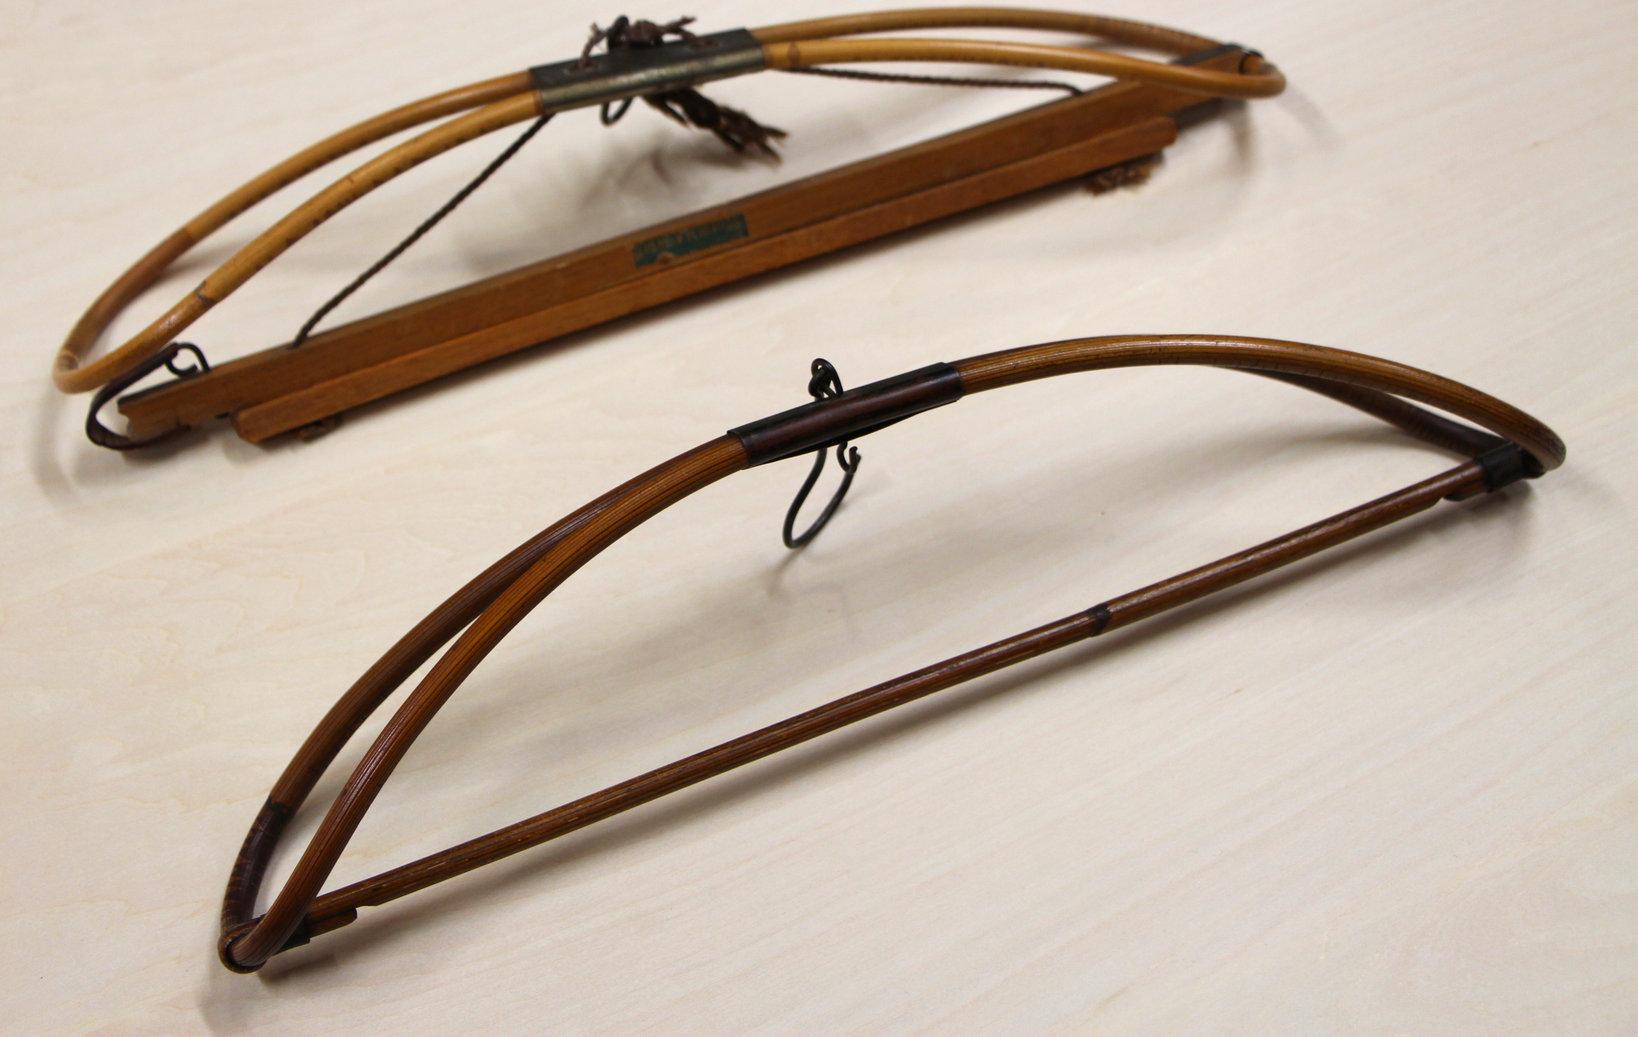 素材は日本的な「籐」であるが、 形は衣掛けのそれではなく、 ハンガーの形を成している。